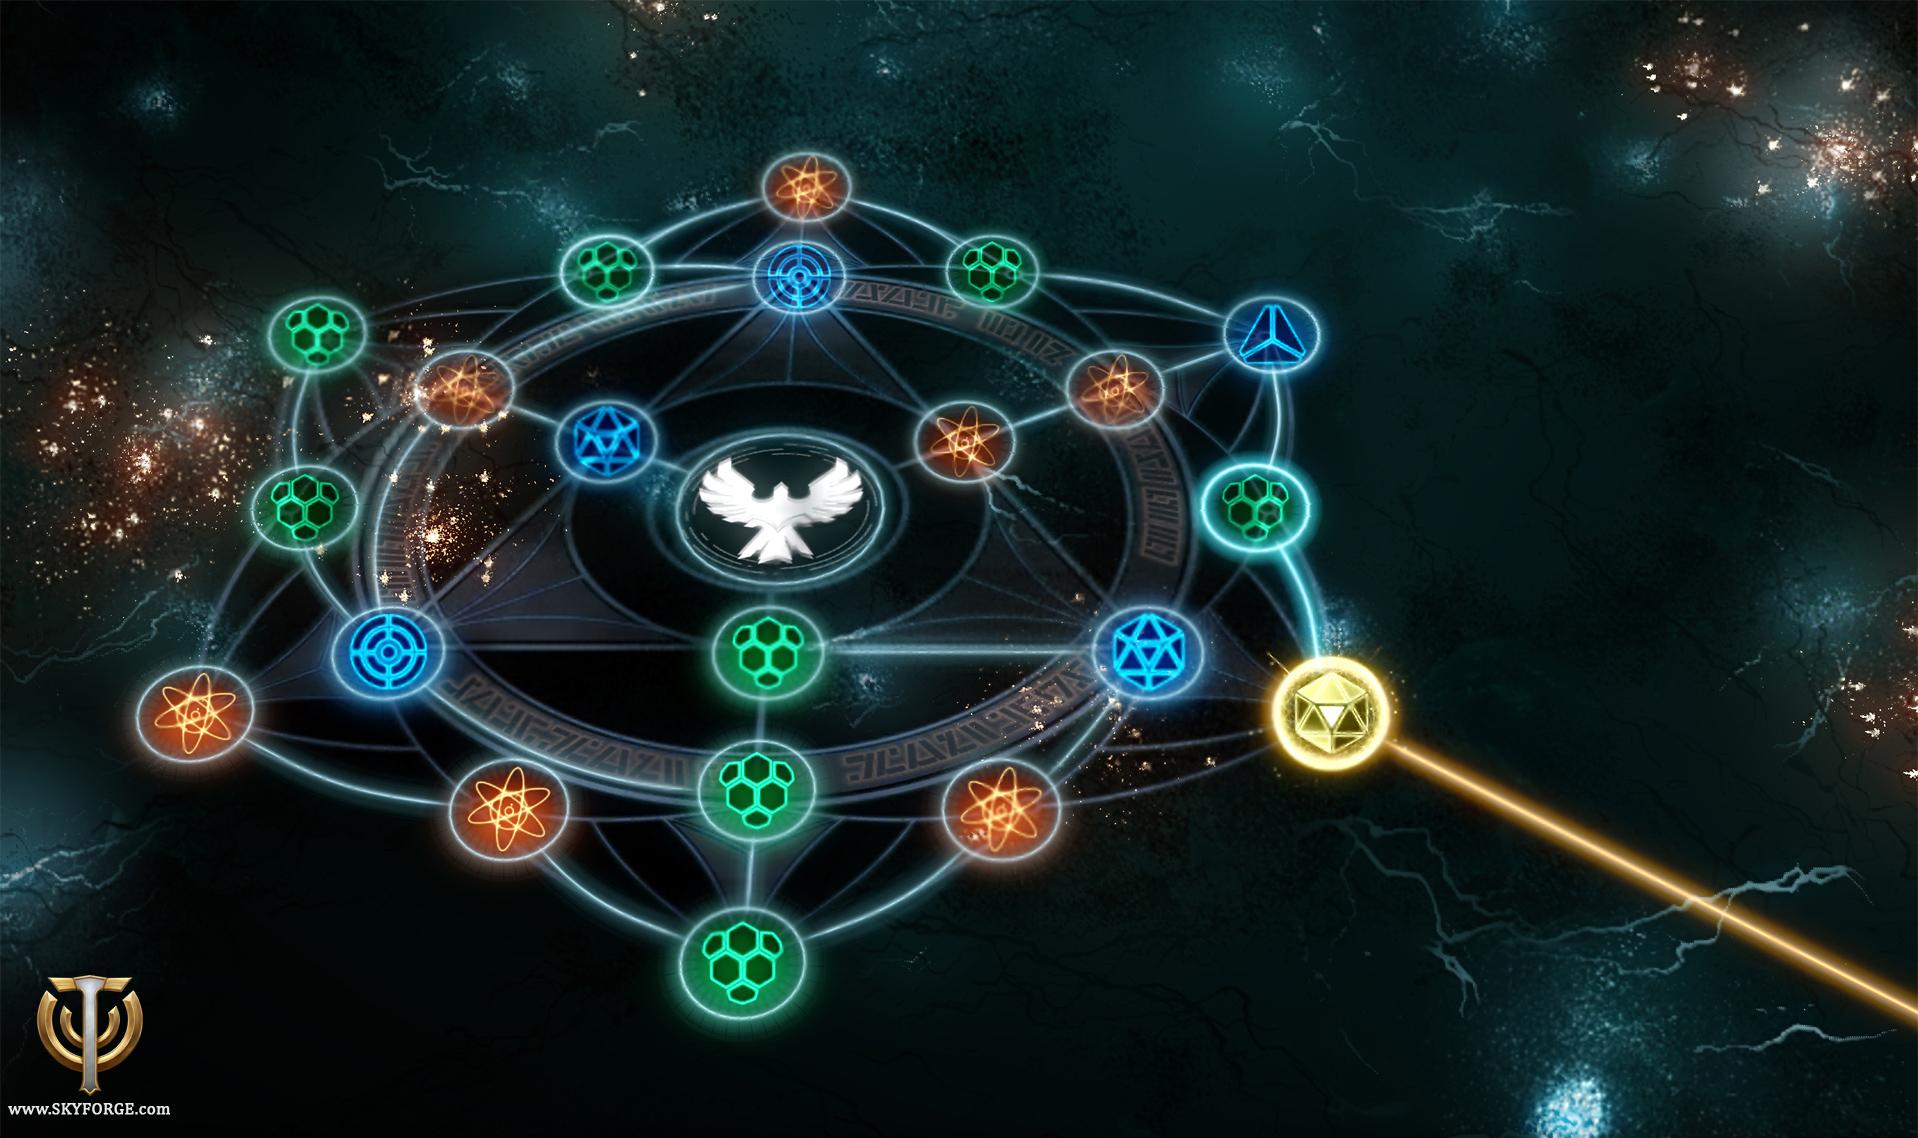 Tìm hiểu hệ thống phát triển nhân vật trong Skyforge 2